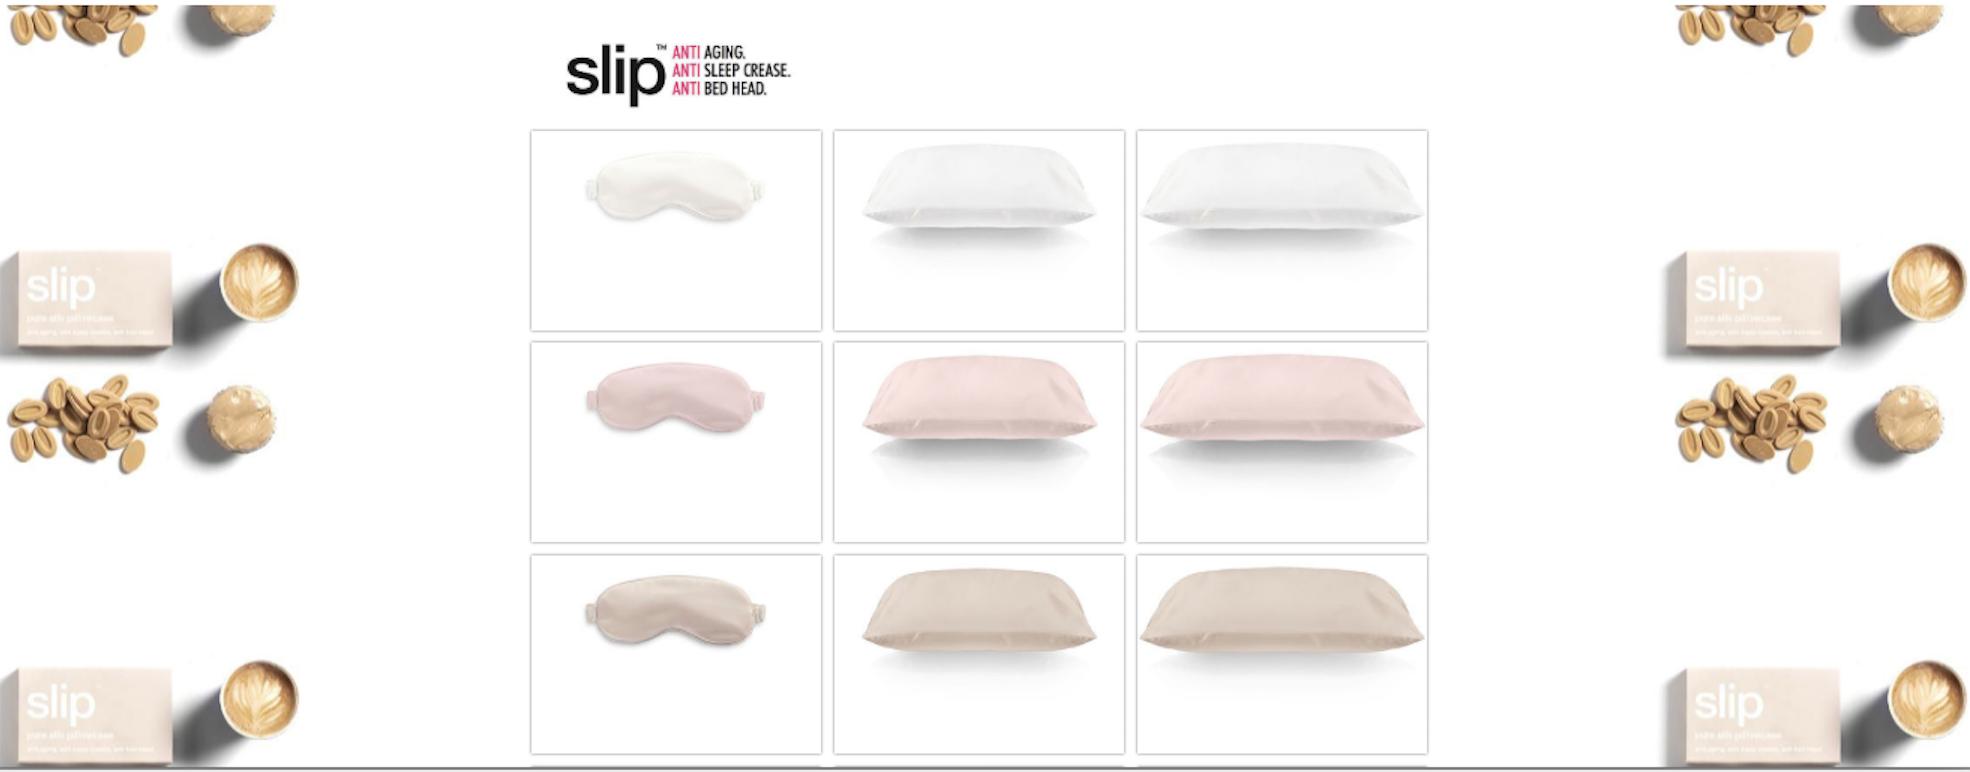 Slip online store design